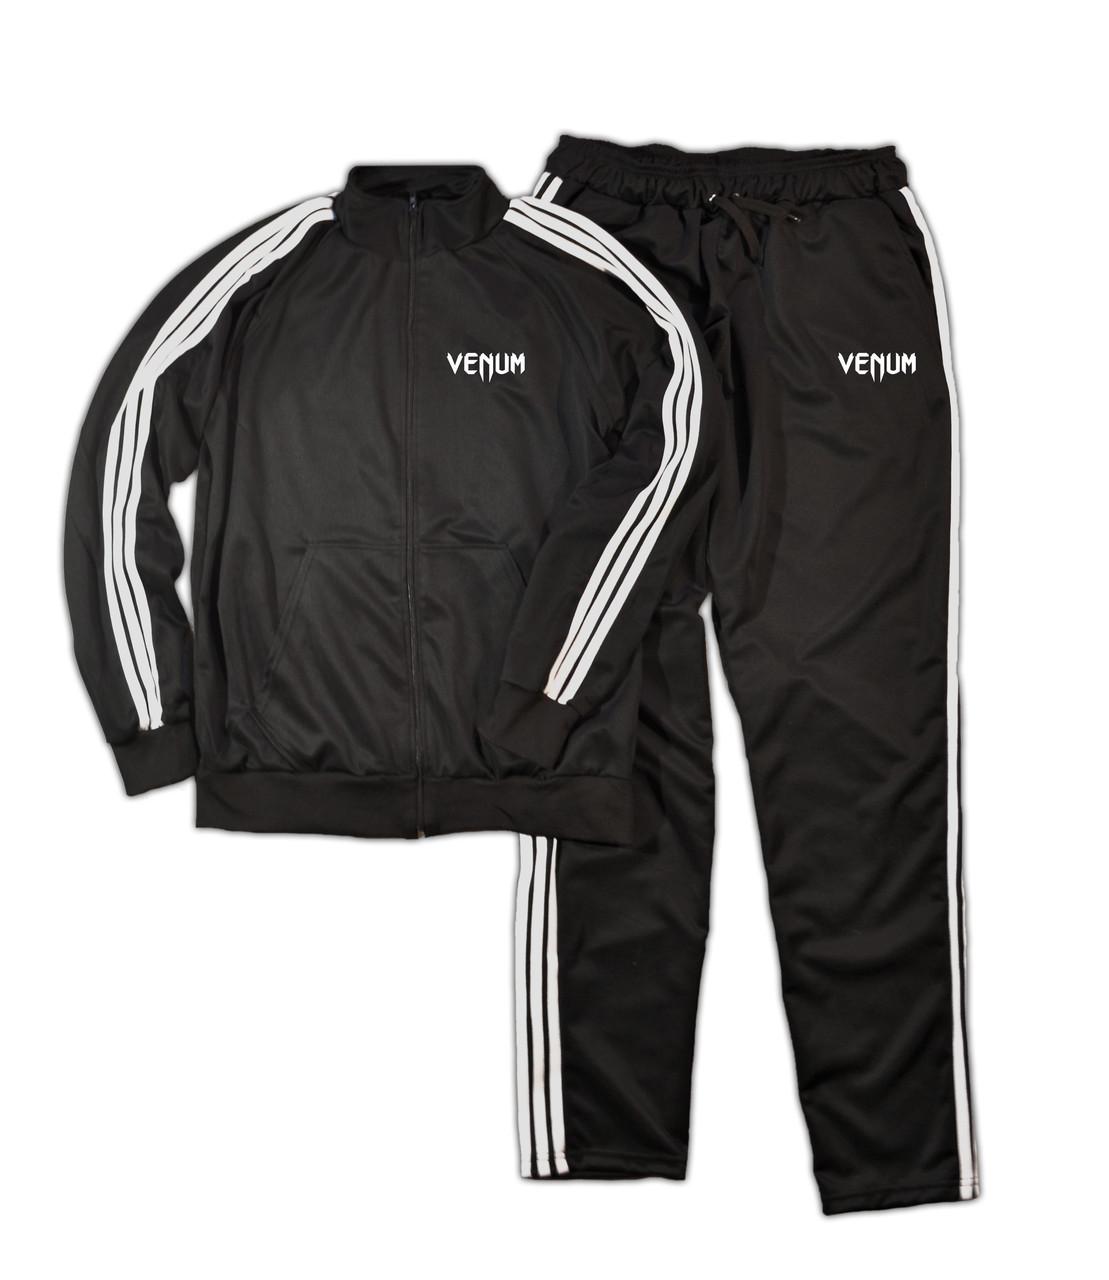 Демисезонный спортивный костюм Venum с лампасами (Венум)